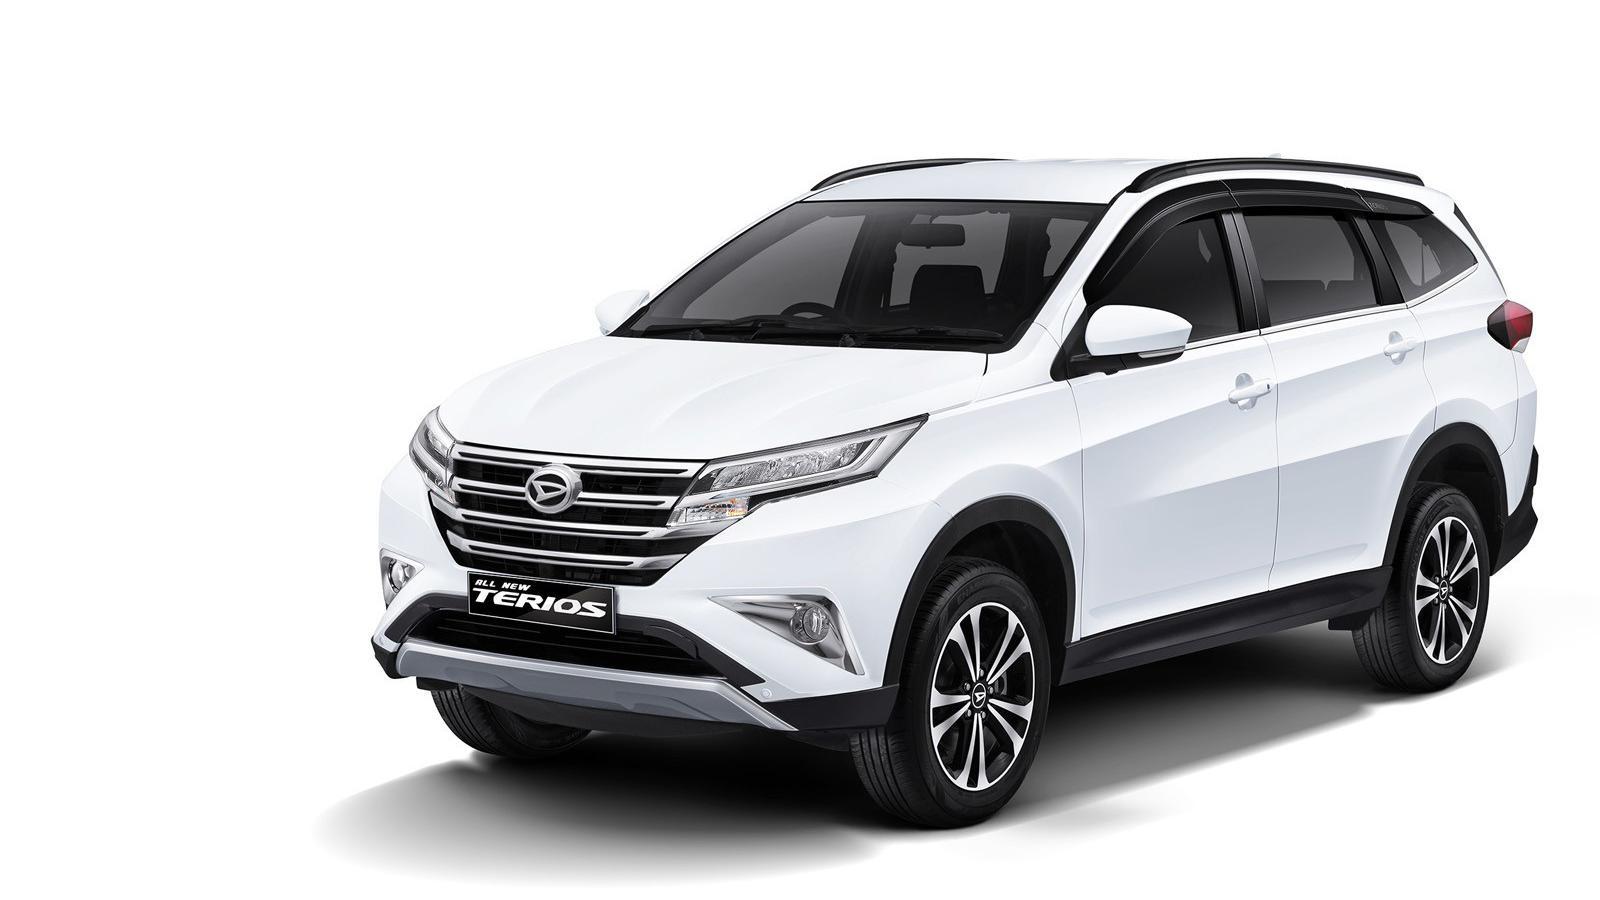 丰田全新七座SUV来了!比汉兰达还帅气,爆出售价本田CRV要凉了